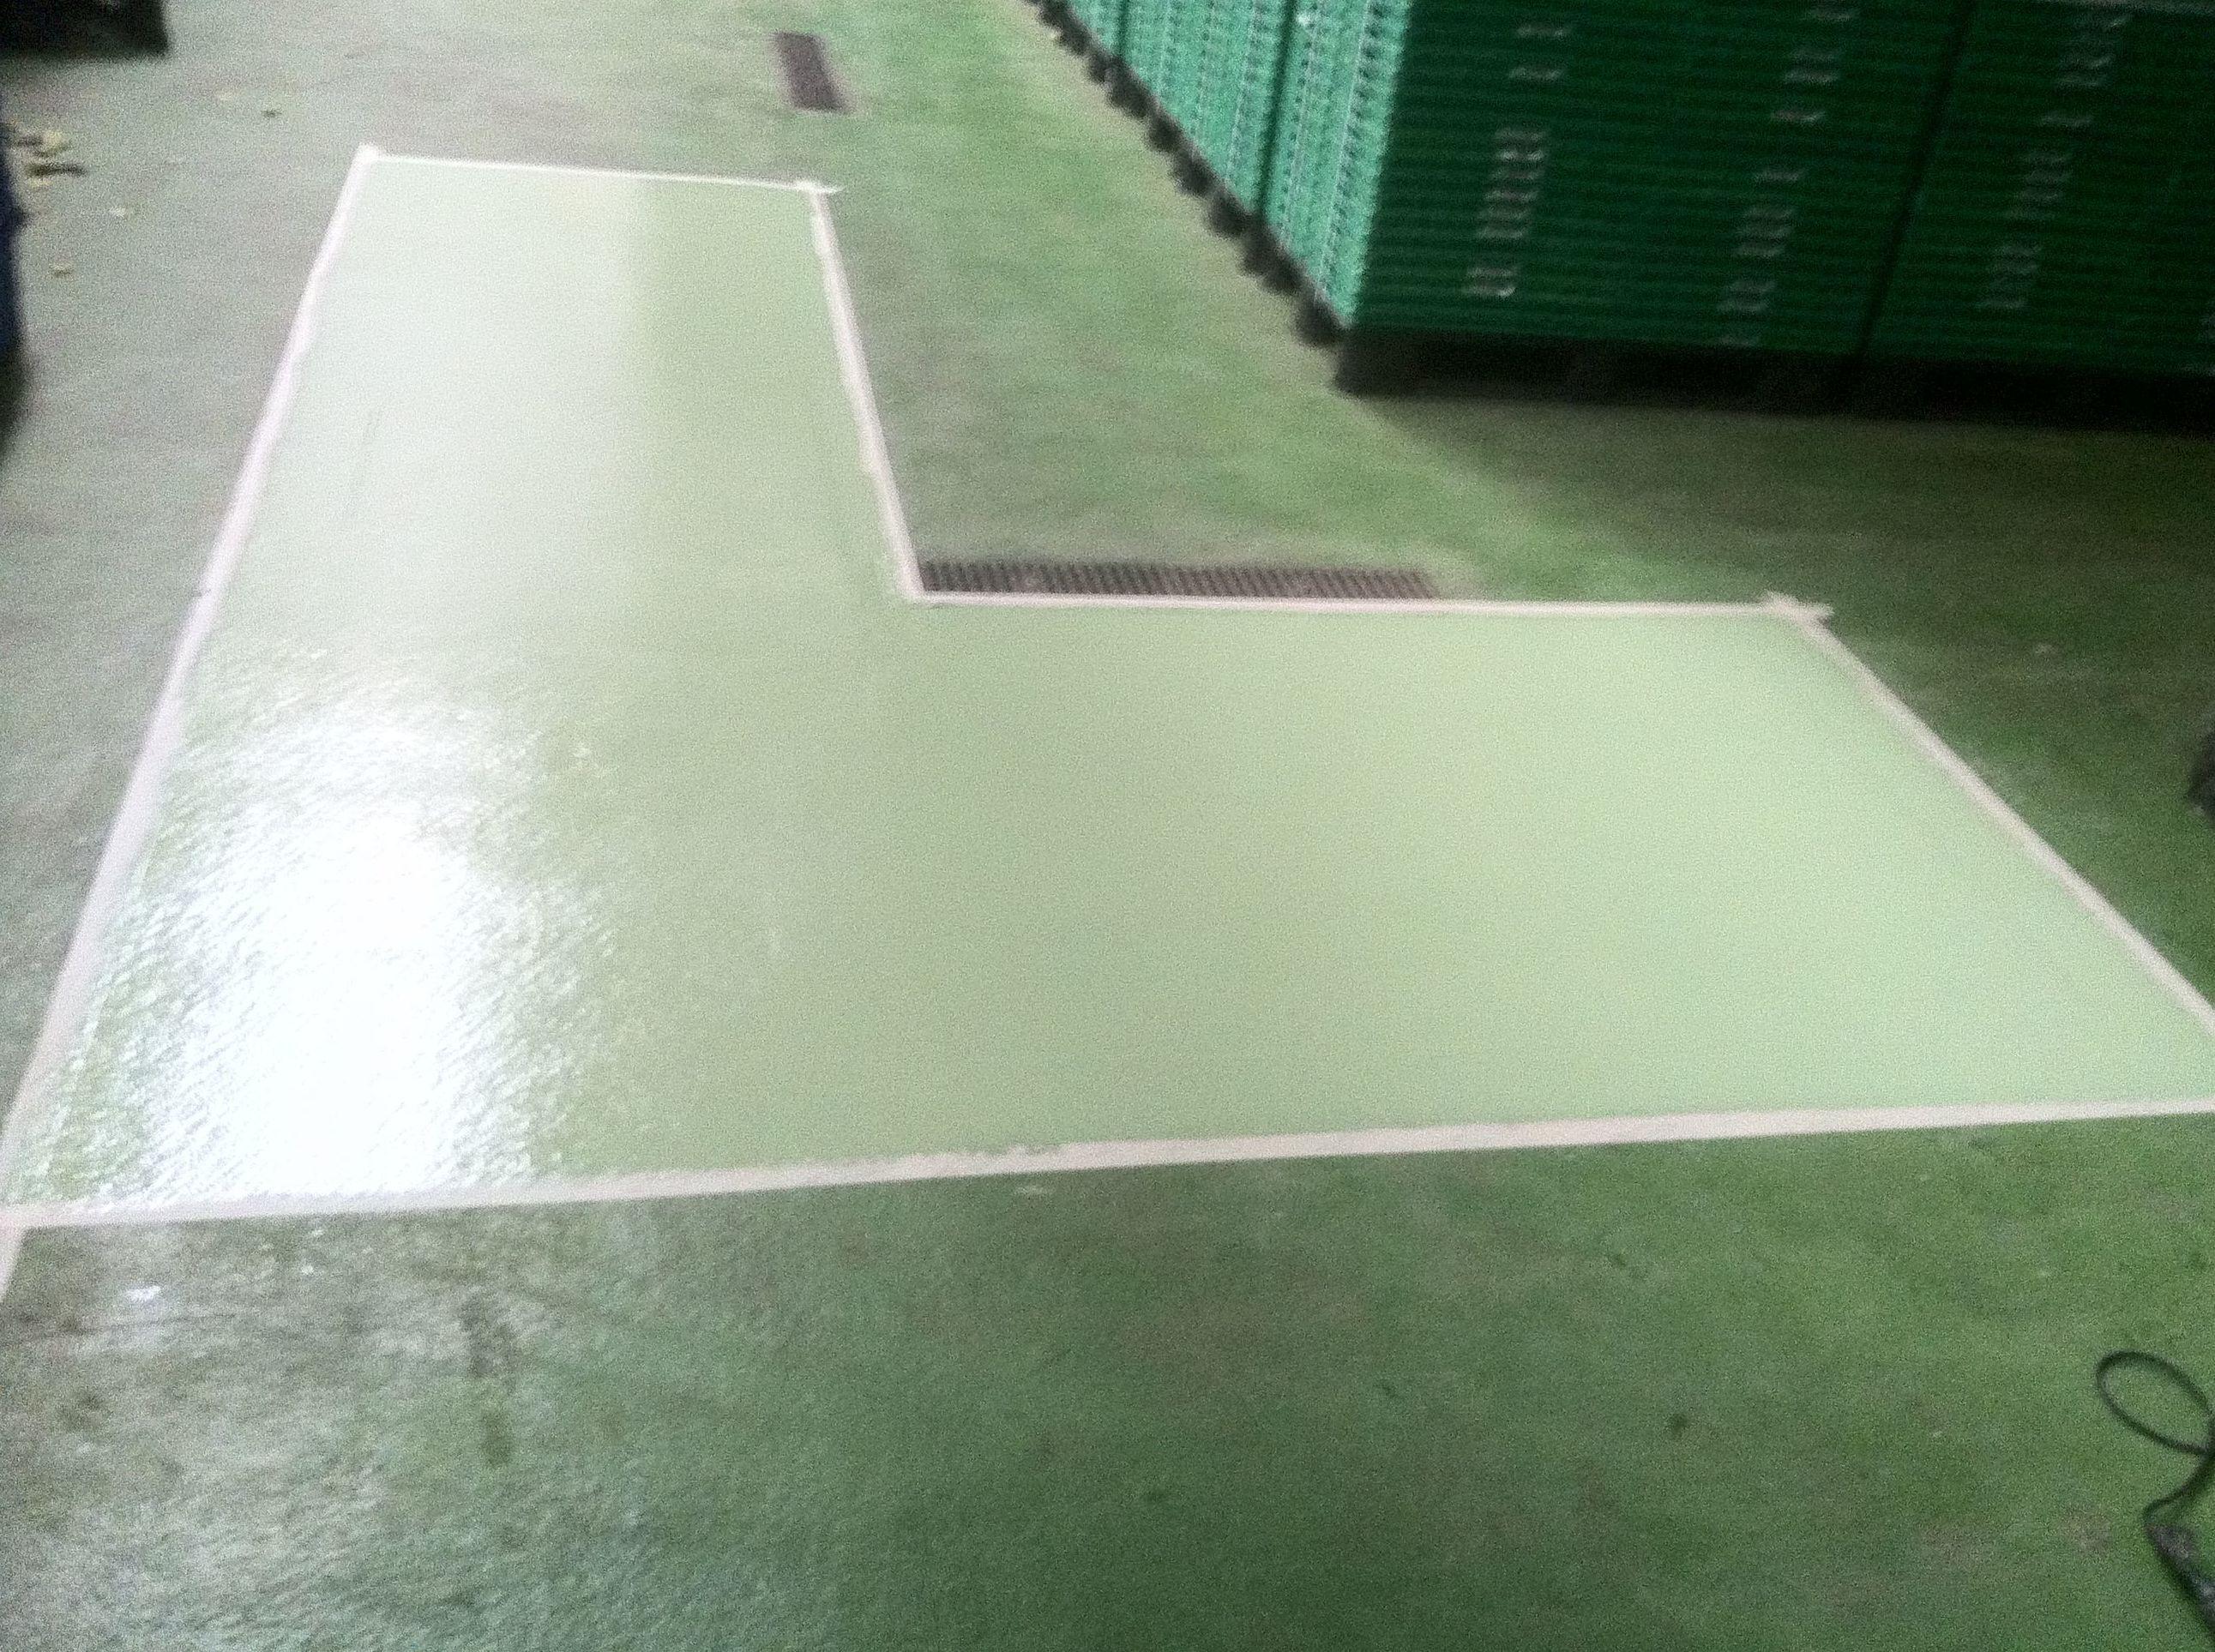 Reparación de pavimento epoxi aplicación de la resina epoxi